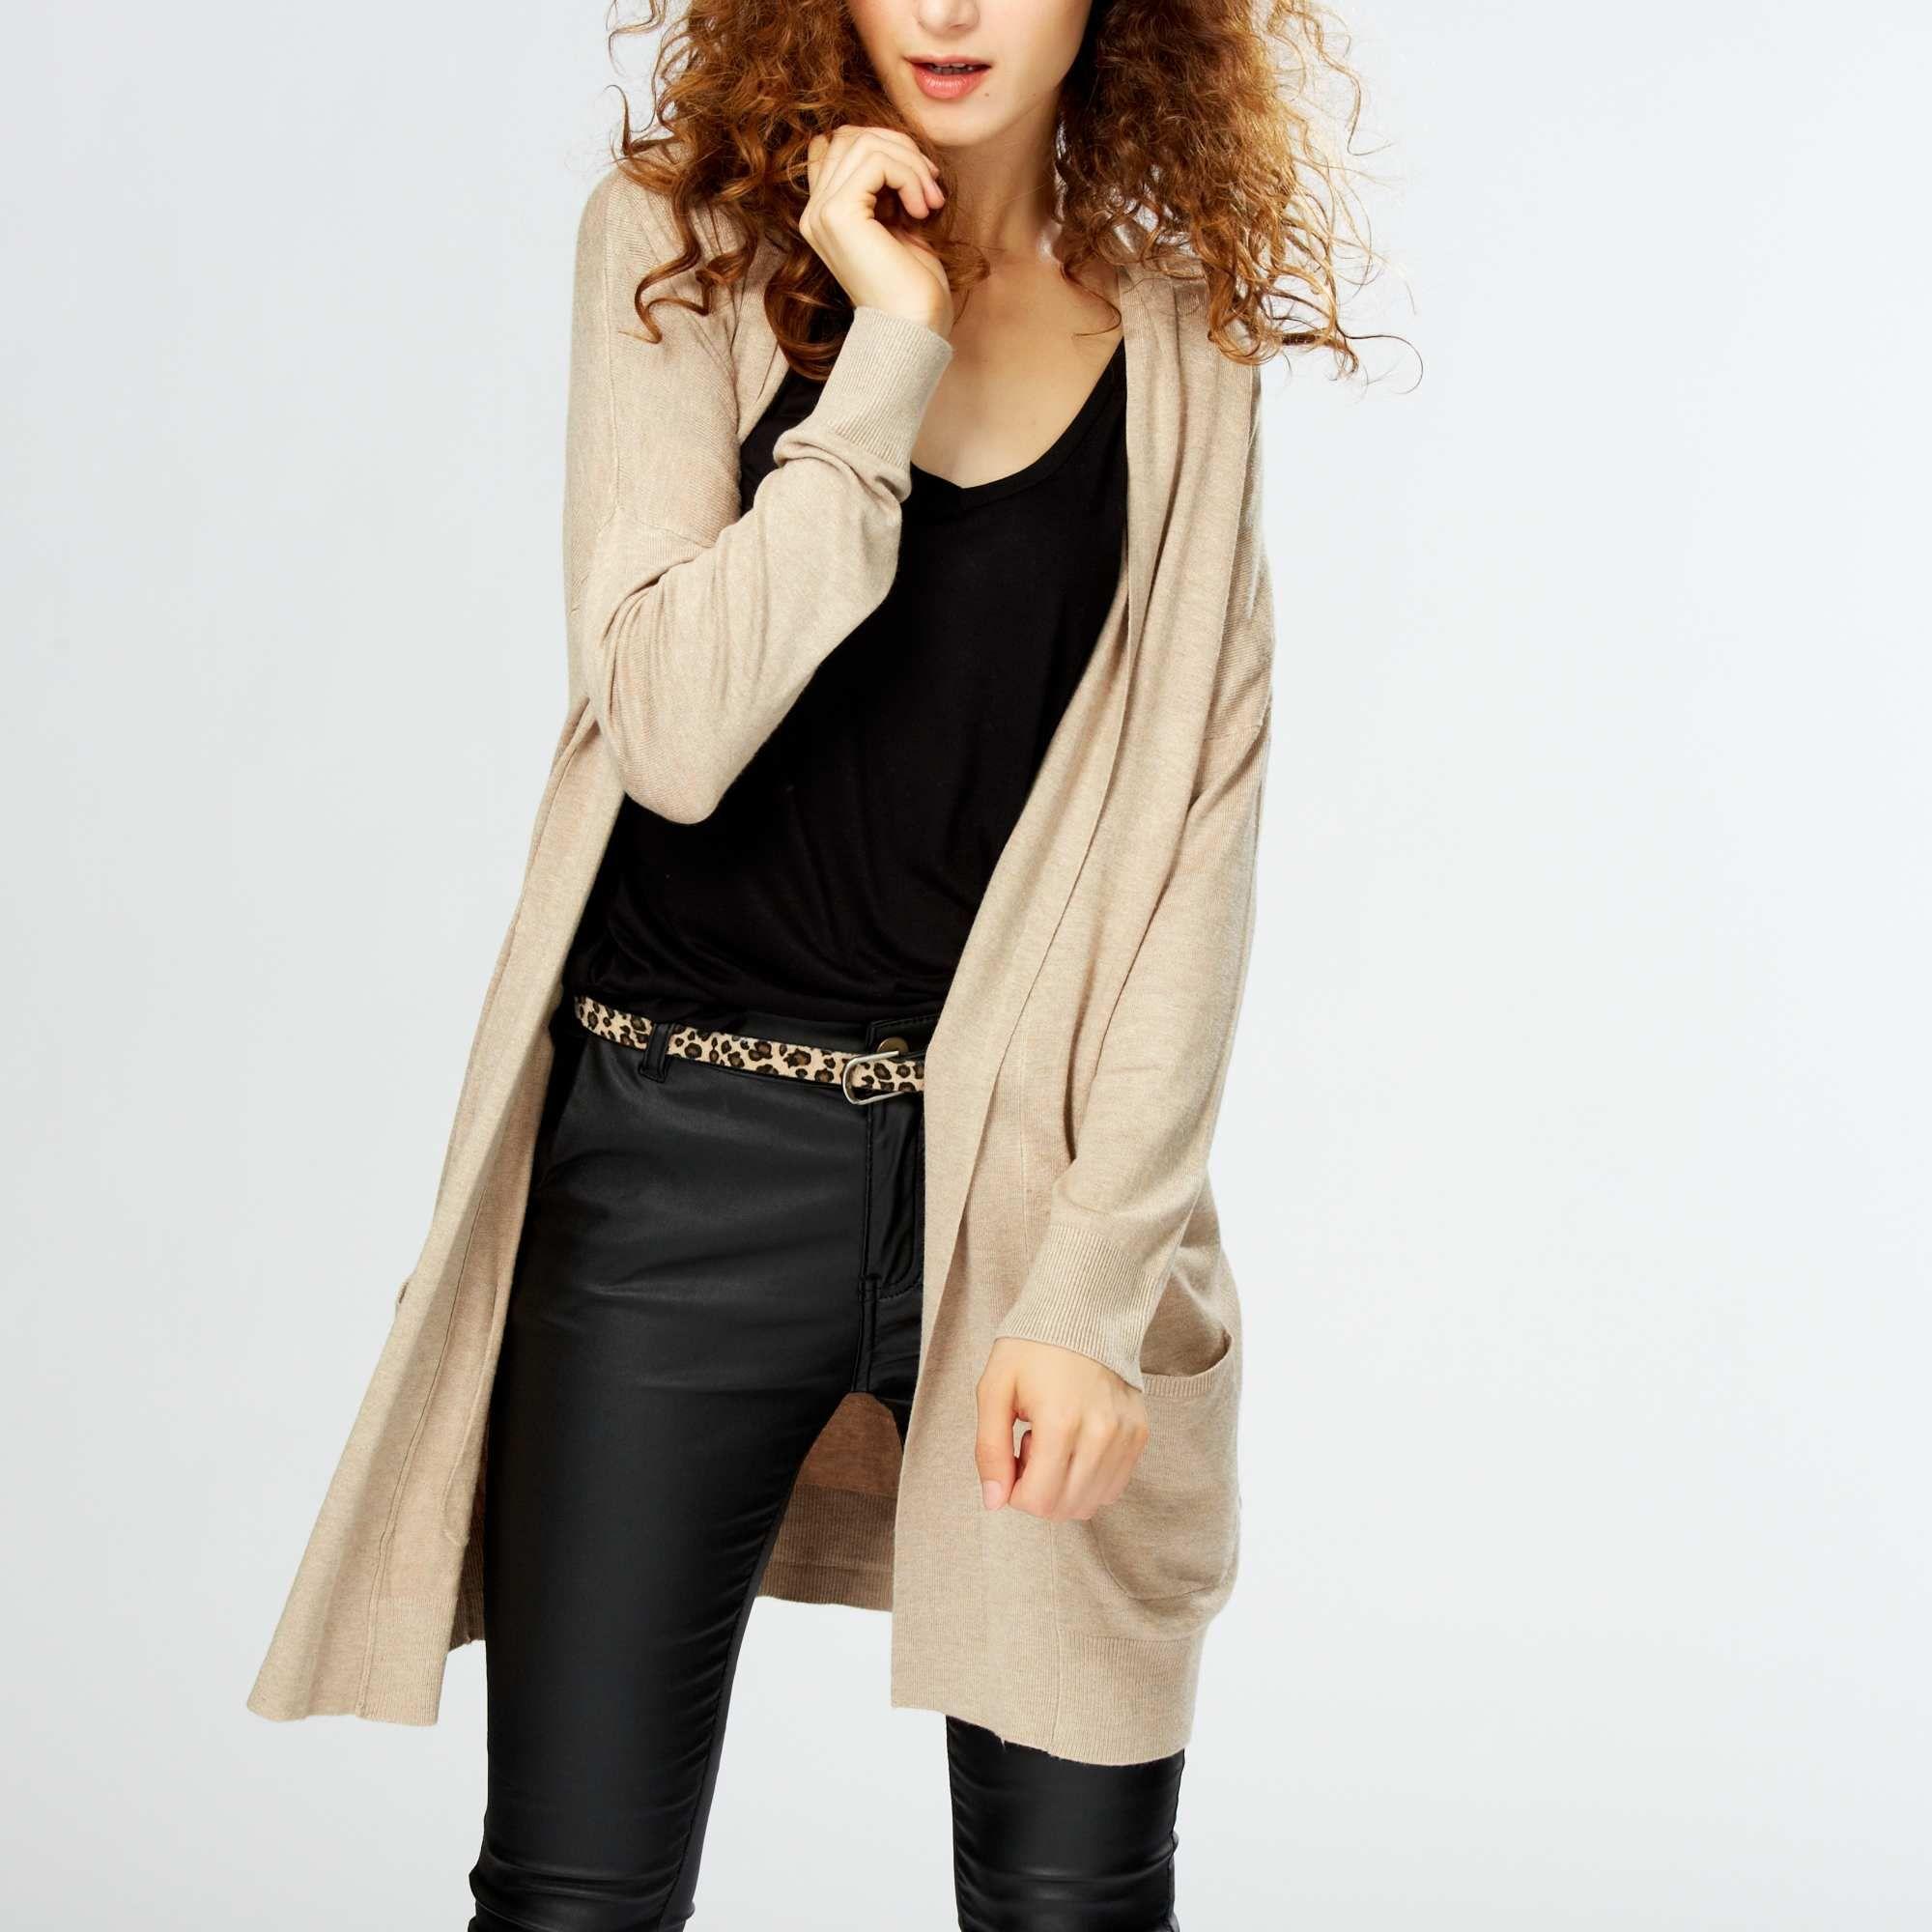 15 00 gilet long avec poches beige femme id es mode. Black Bedroom Furniture Sets. Home Design Ideas